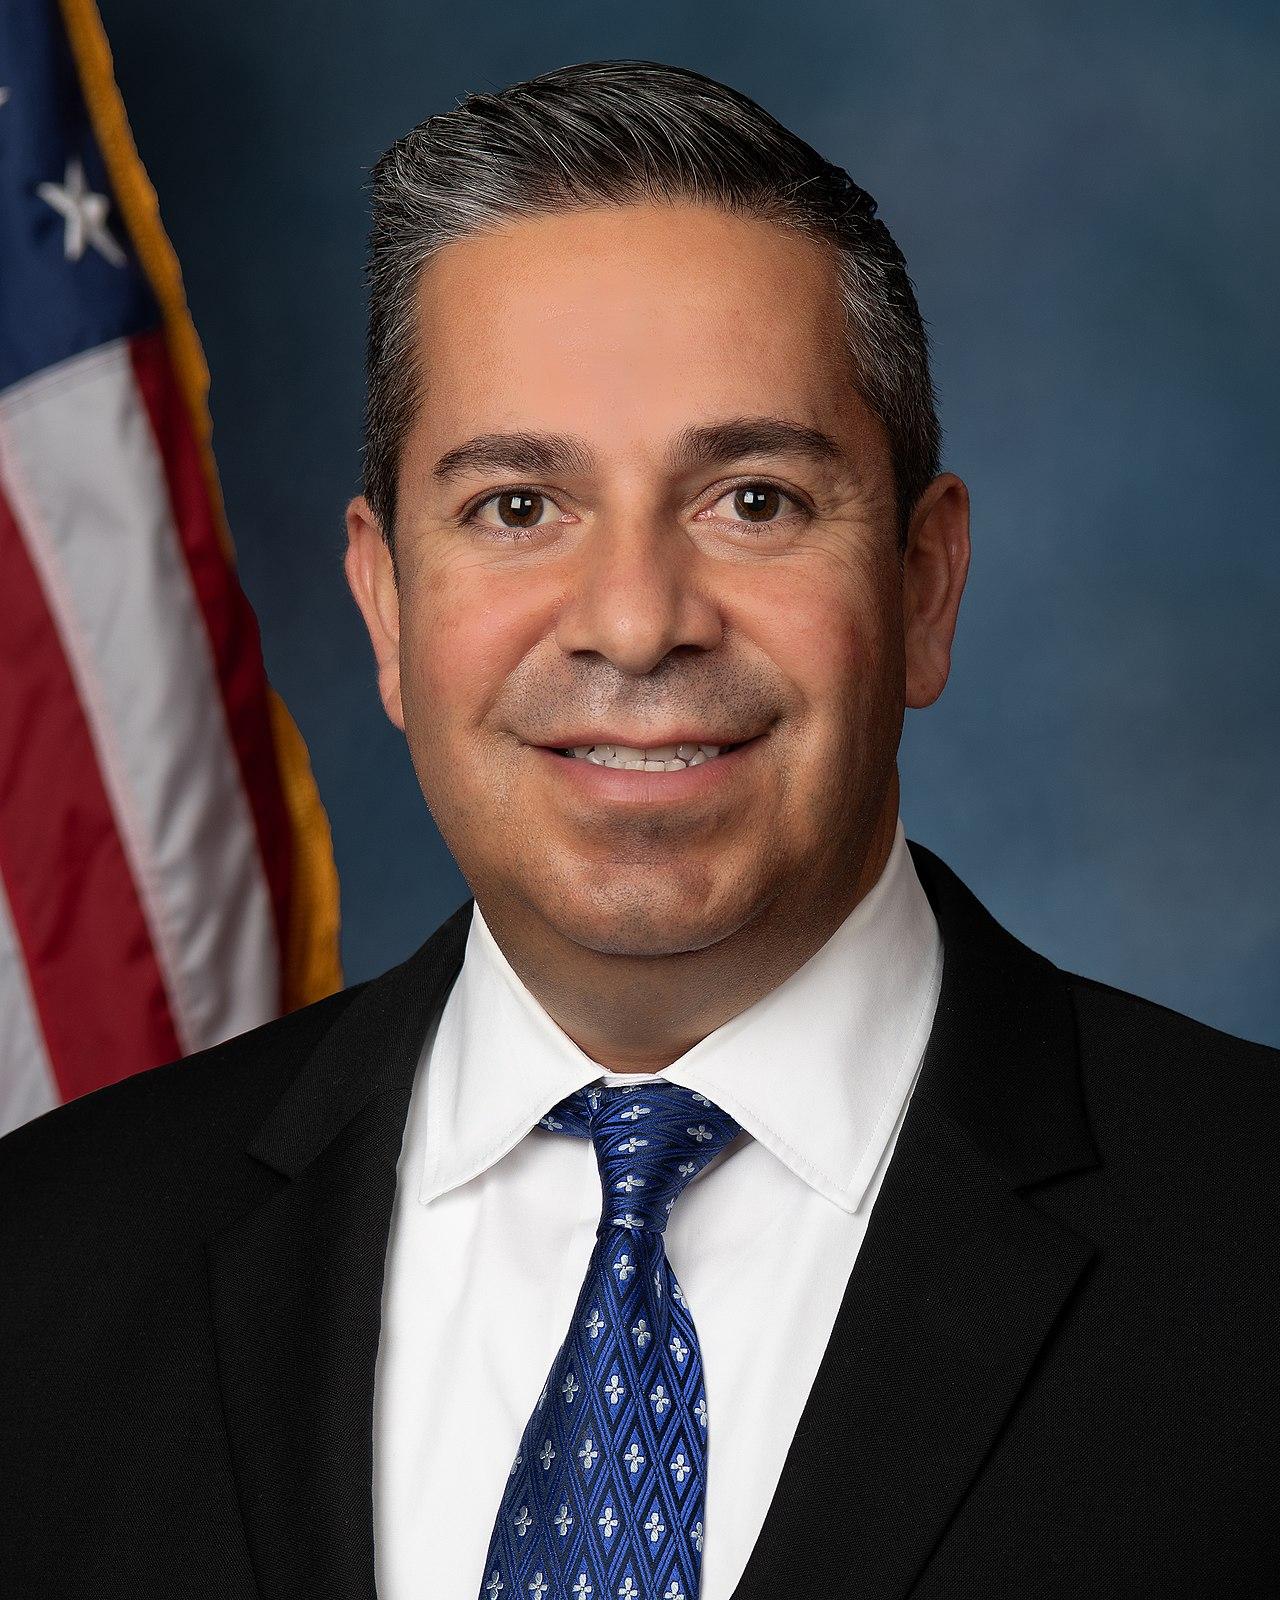 Congressman Ben Ray Luján